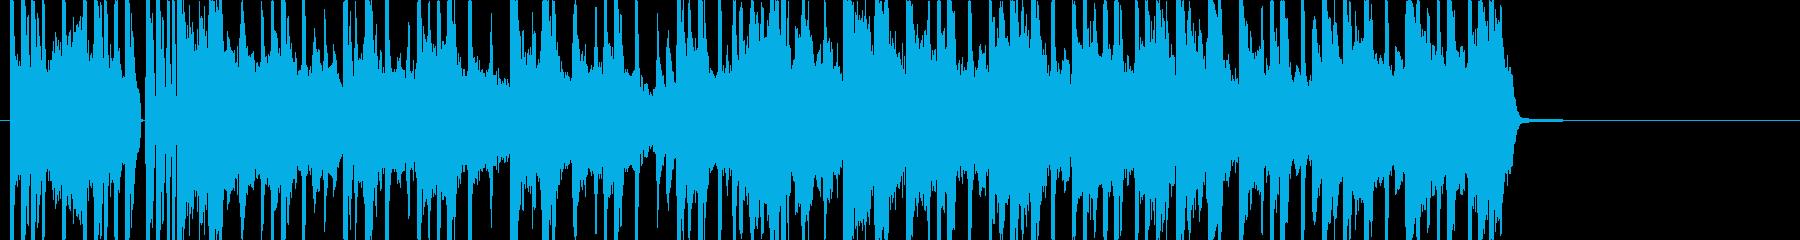 オシャレで切ないLO-FIジングルの再生済みの波形